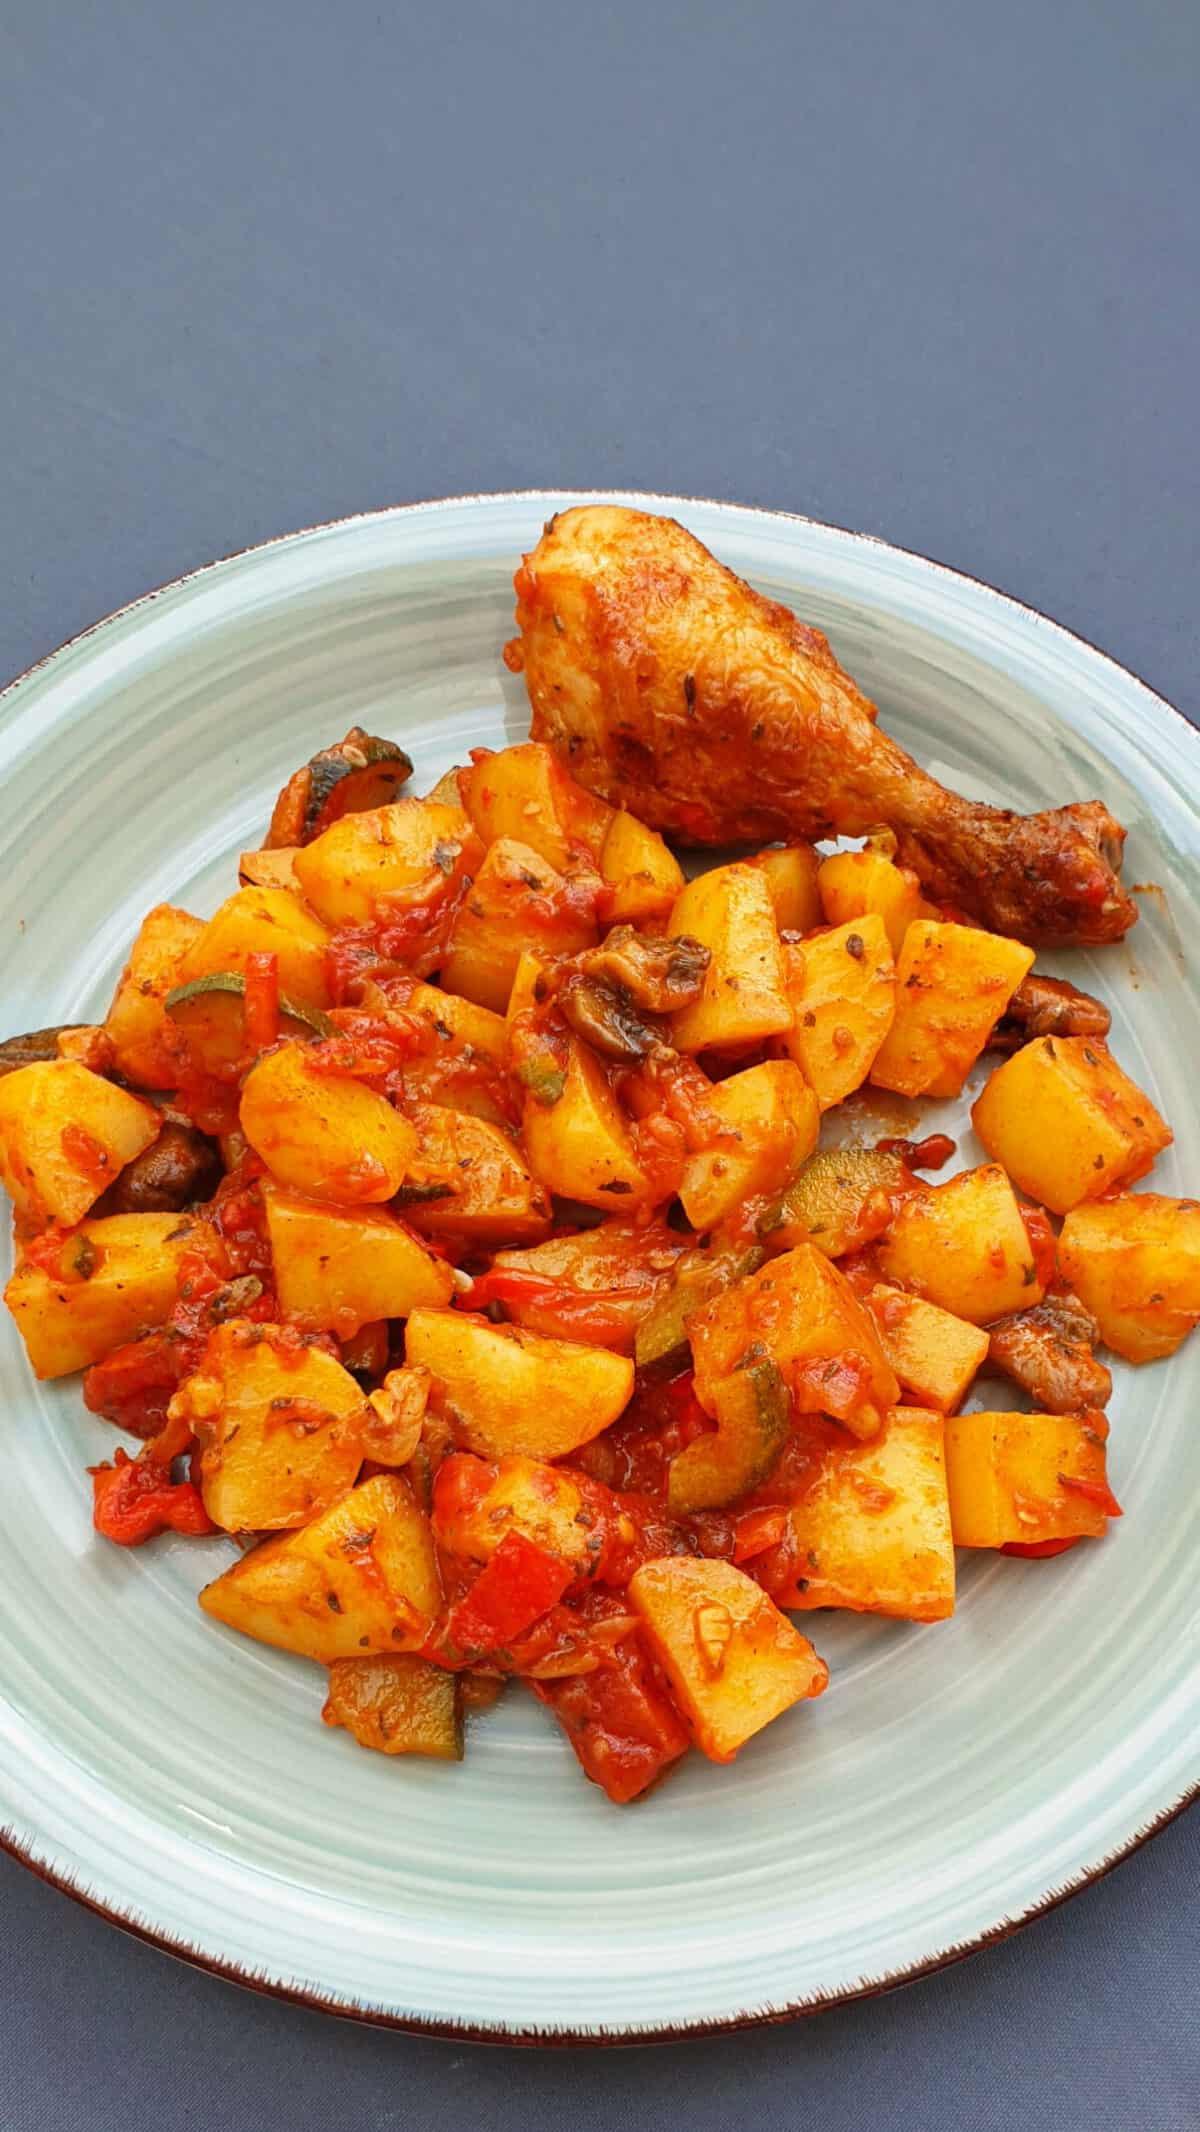 Auf einem grünen Teller eine Hähnchenunterkeule mit Kartoffel-Gemüse und Tomatensoße.